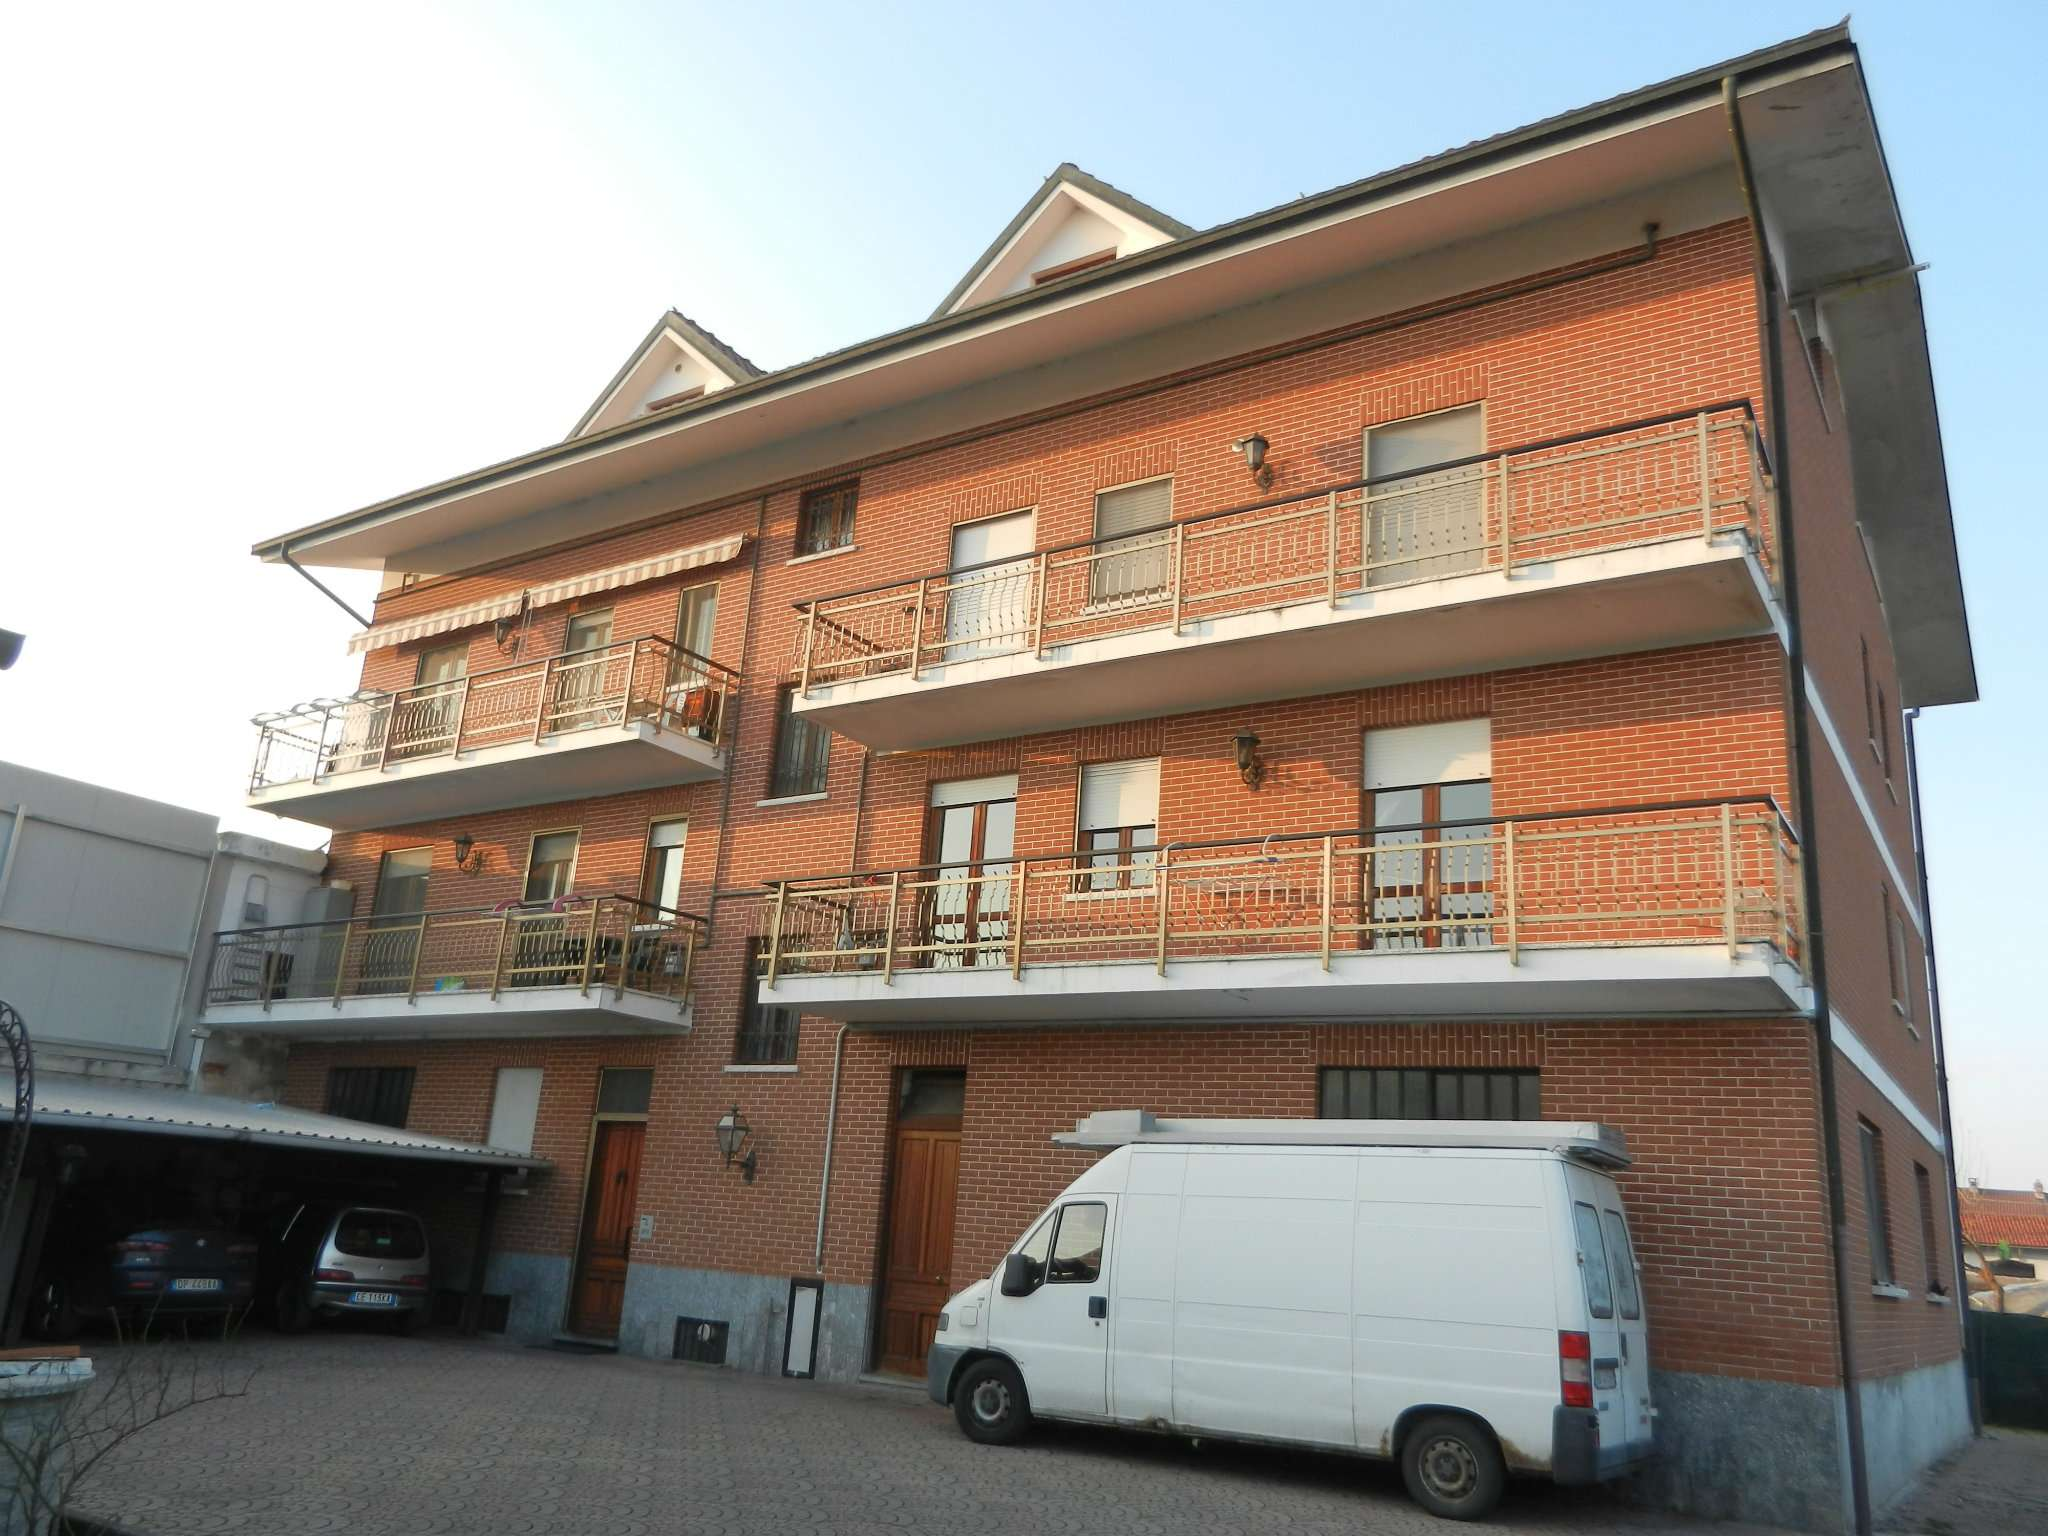 Appartamento in vendita a Foglizzo, 4 locali, prezzo € 145.000 | CambioCasa.it